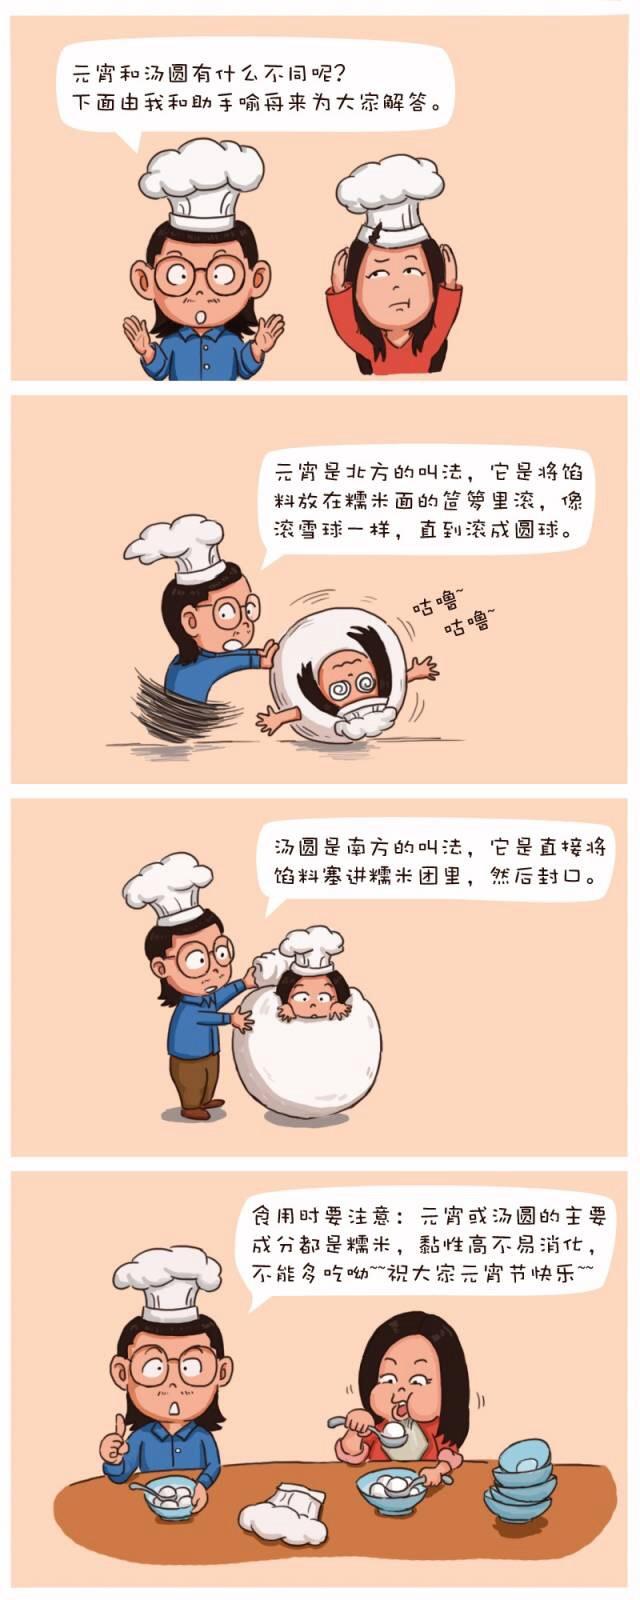 Yuan Xiao Festival|元宵节